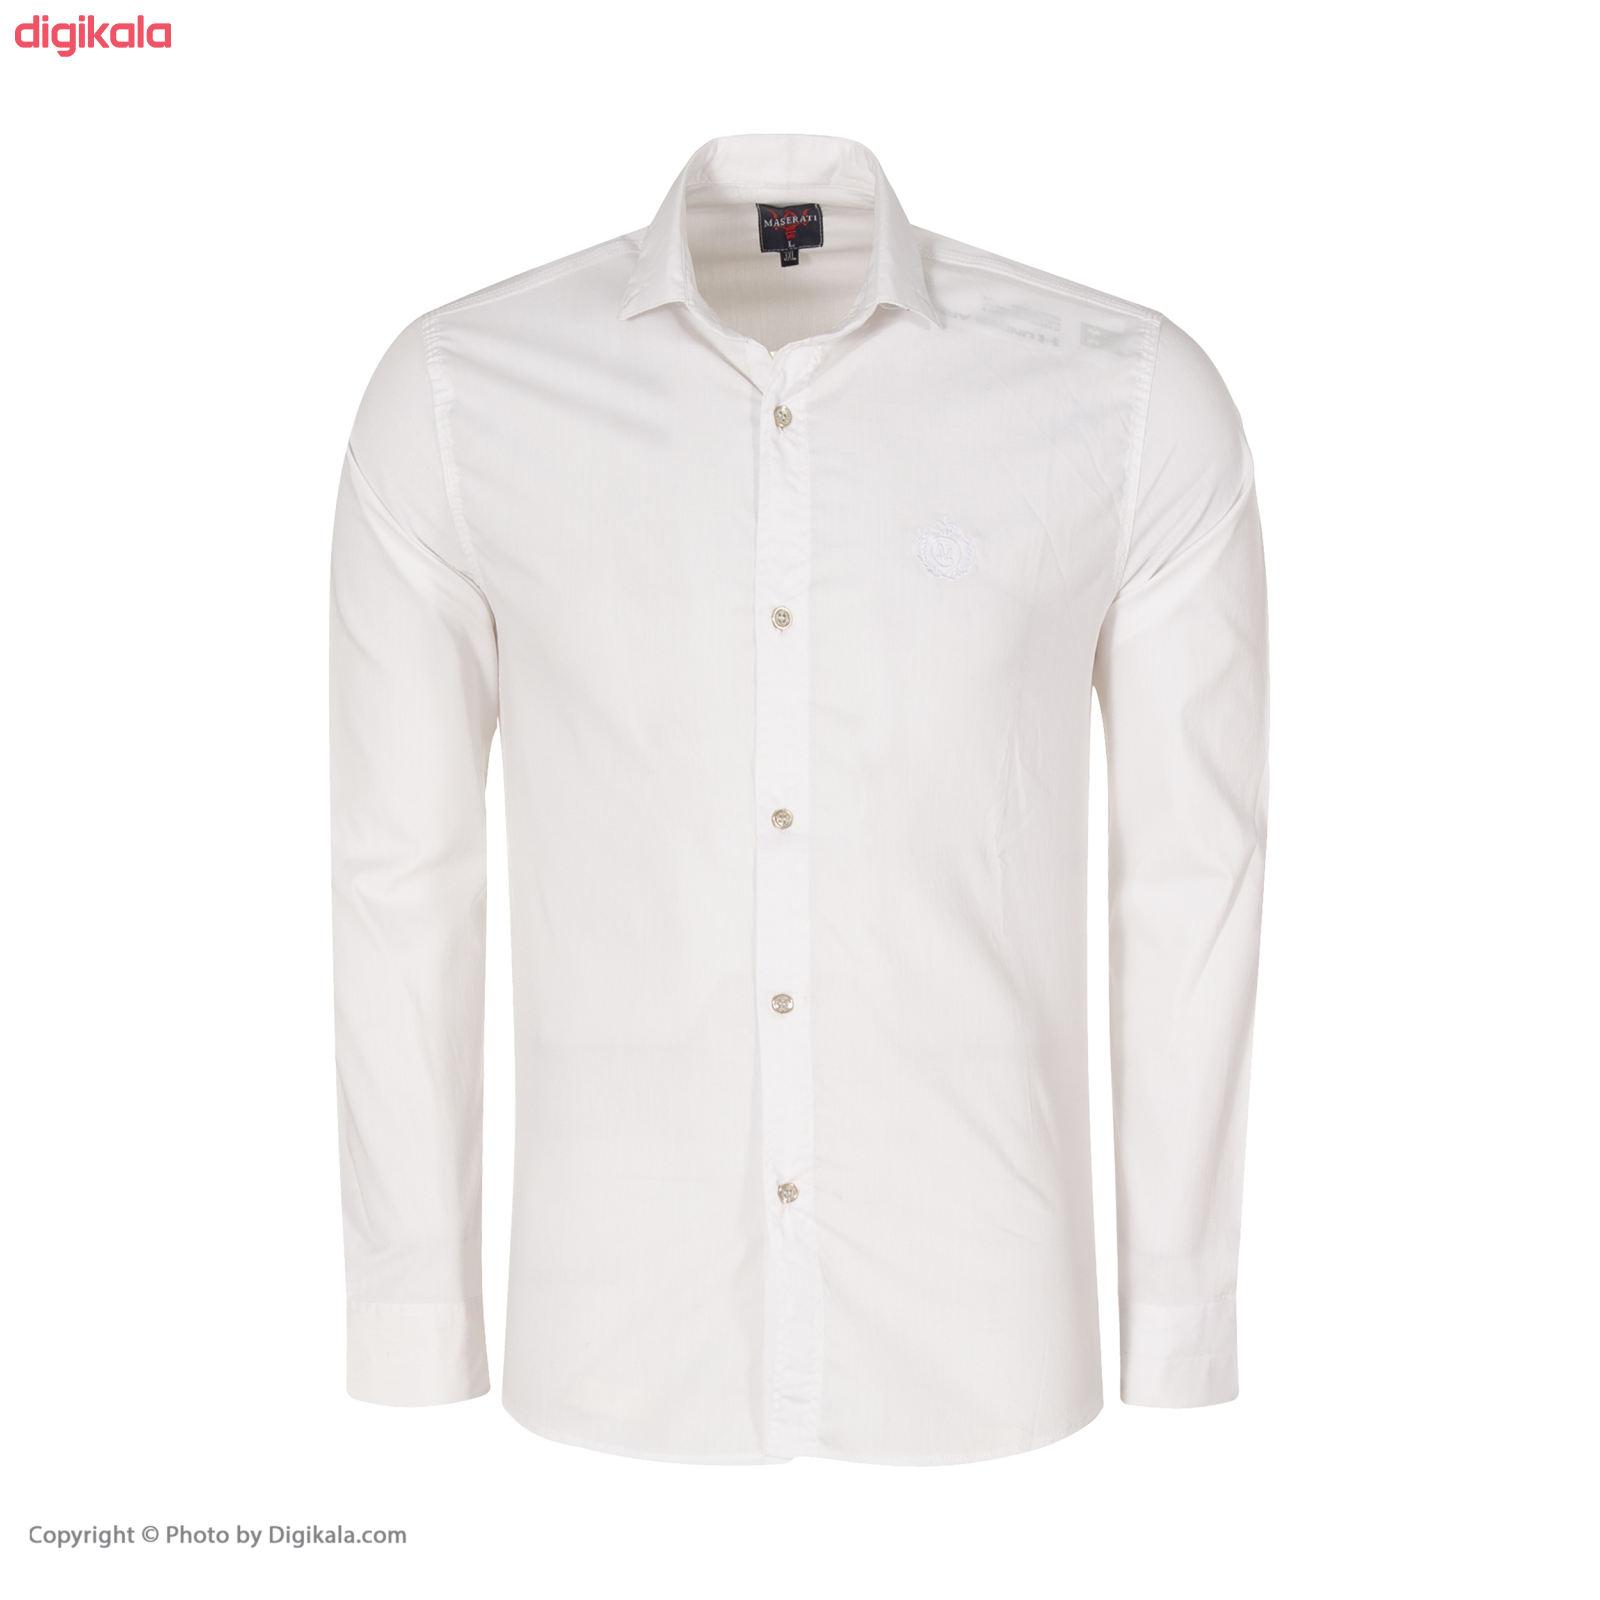 پیراهن مردانه کد PVLF-W-M-9903 رنگ سفید main 1 3